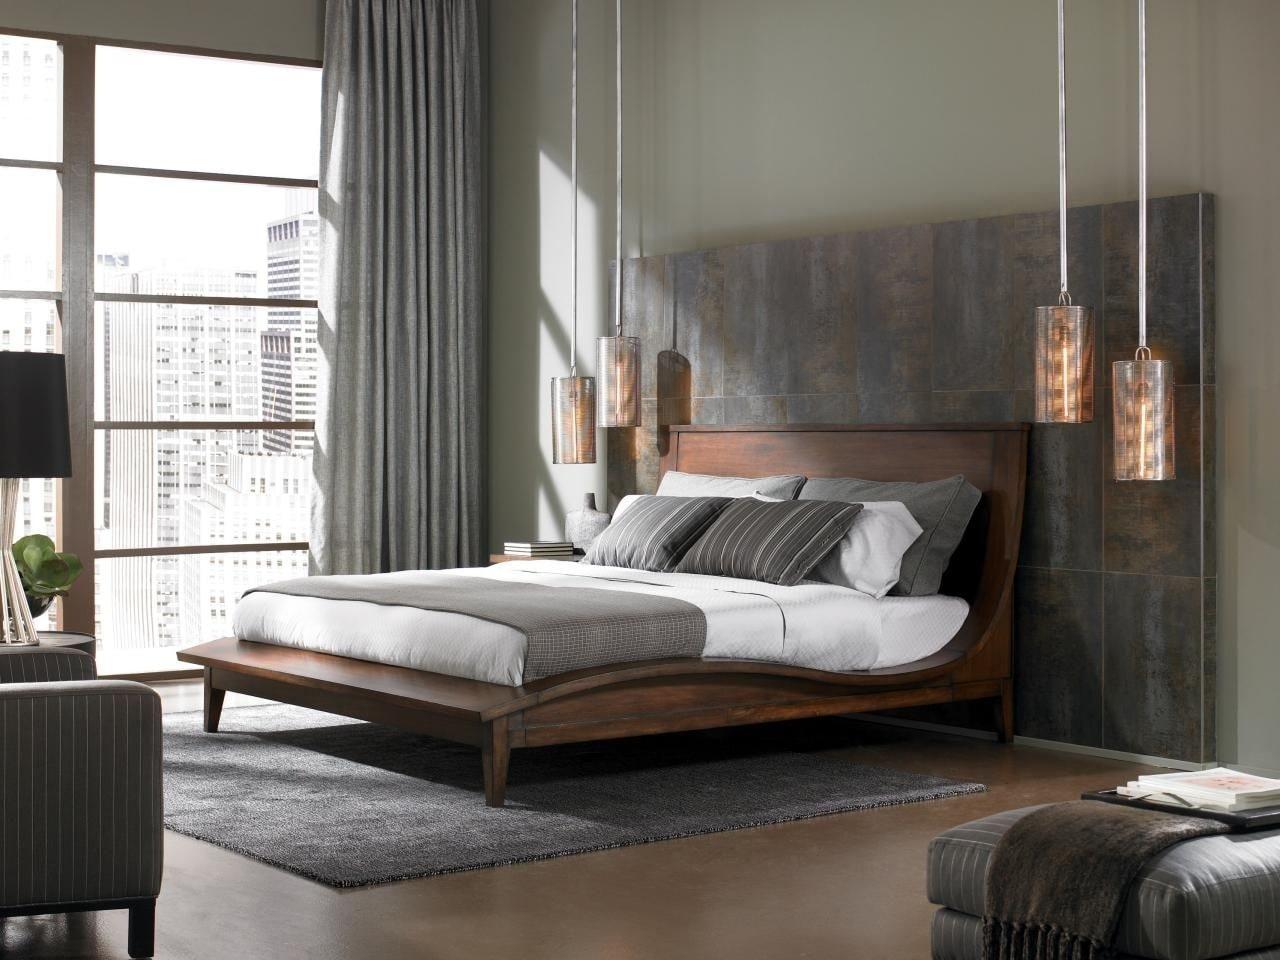 trang trí nội thất urban cho phòng ngủ